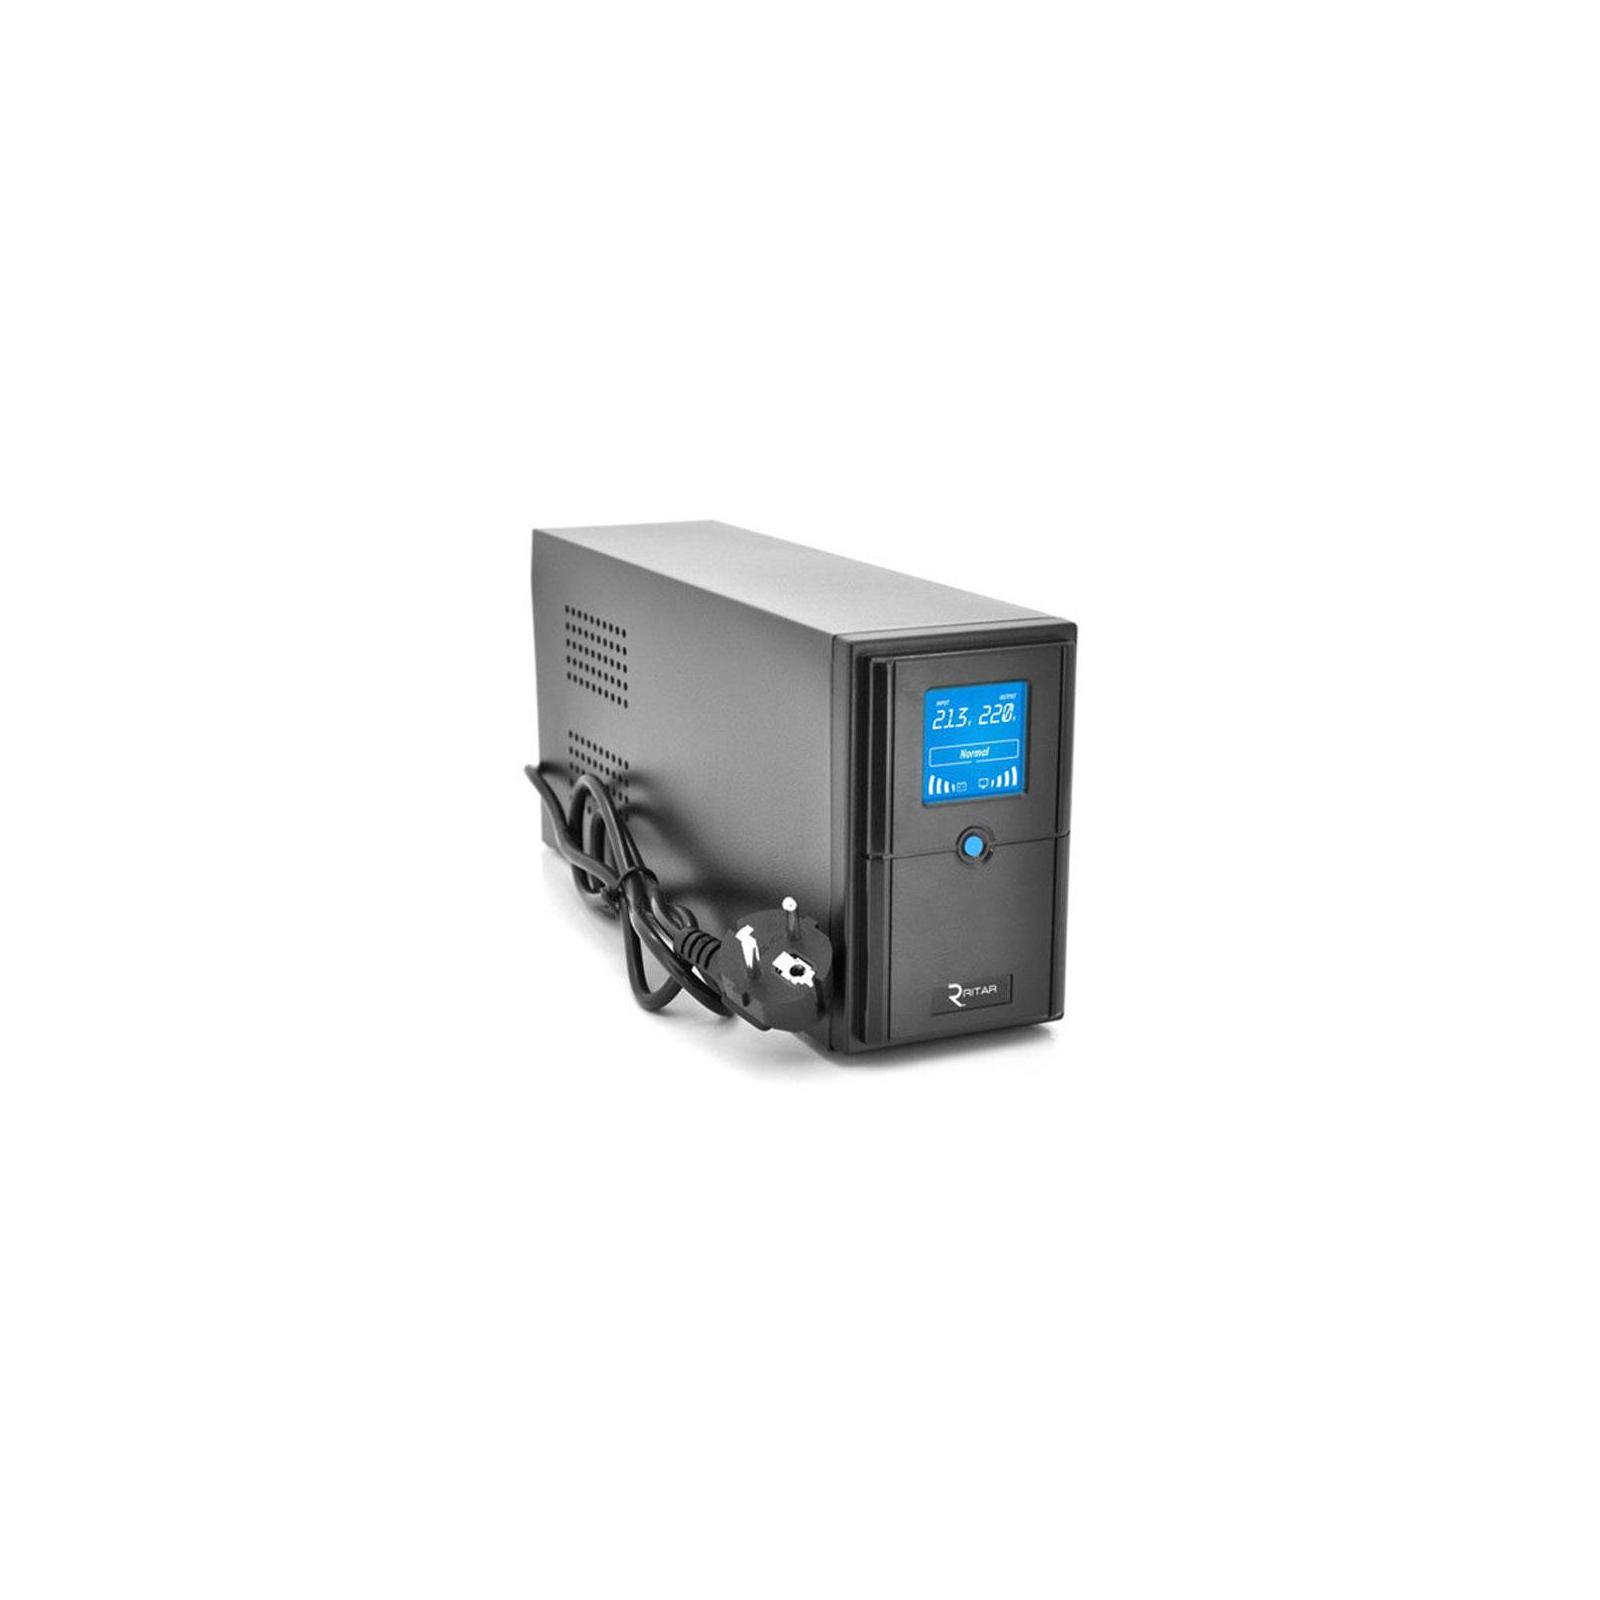 Источник бесперебойного питания Ritar E-RTM800 (480W) ELF-D (E-RTM800D)